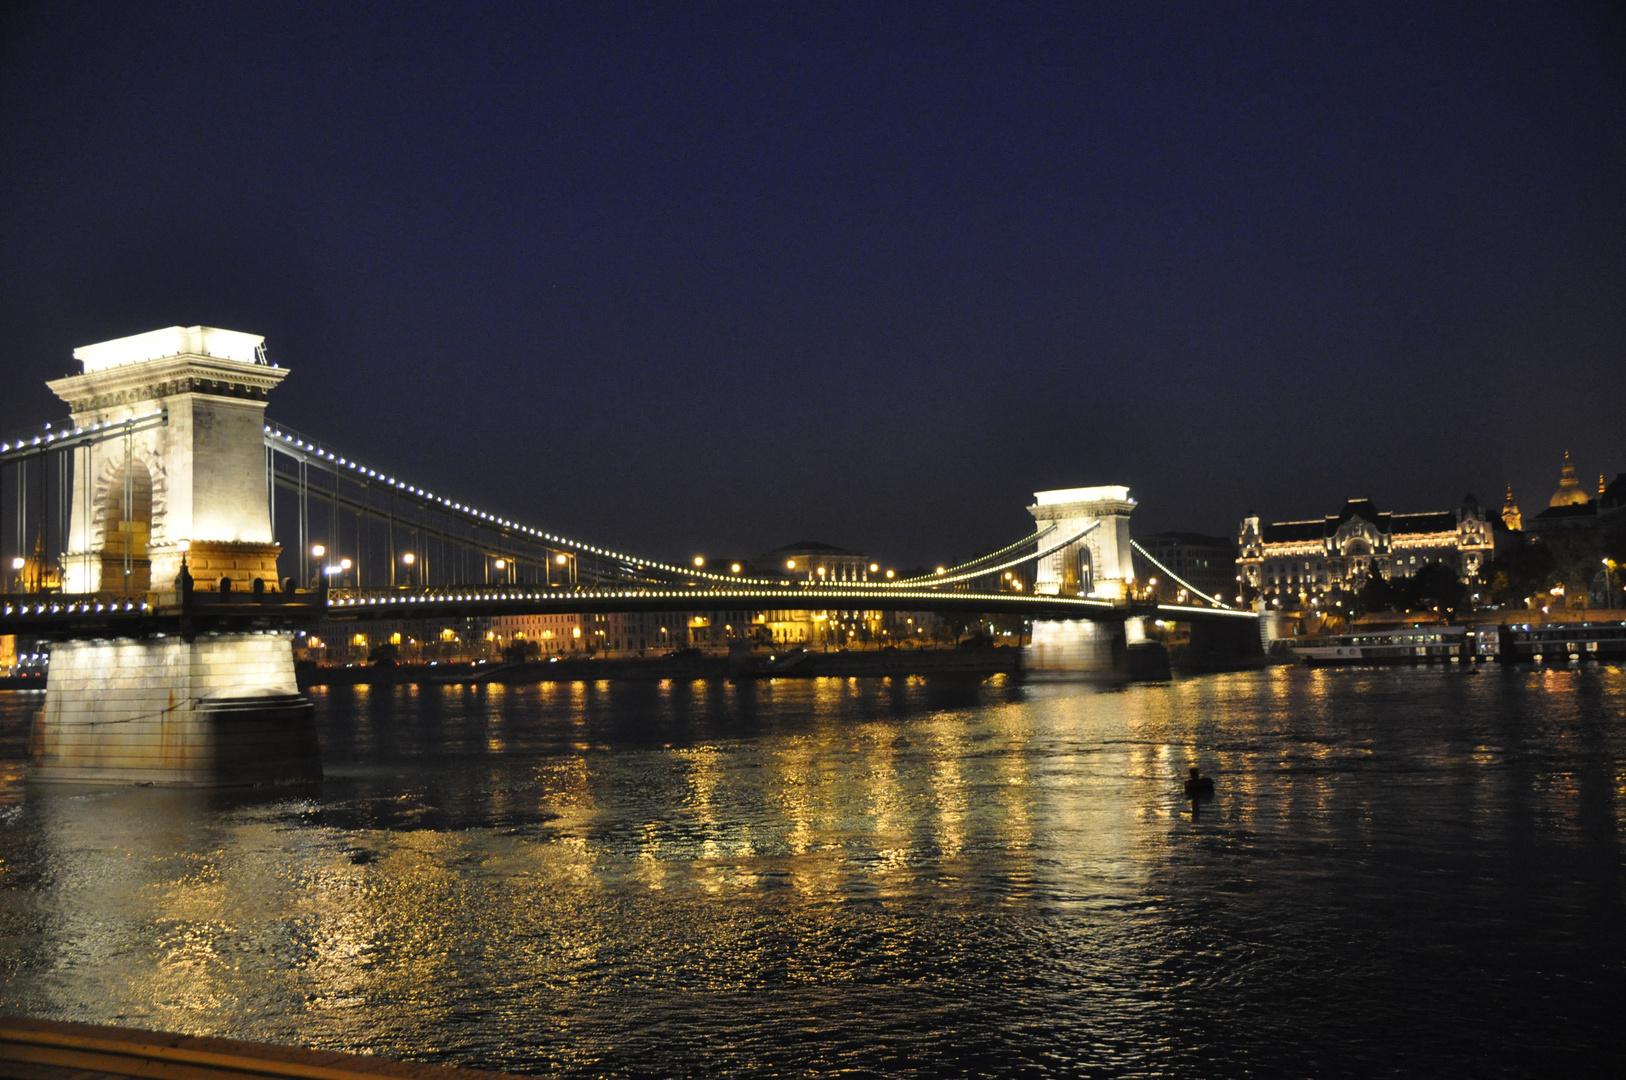 Kettenbrücke I